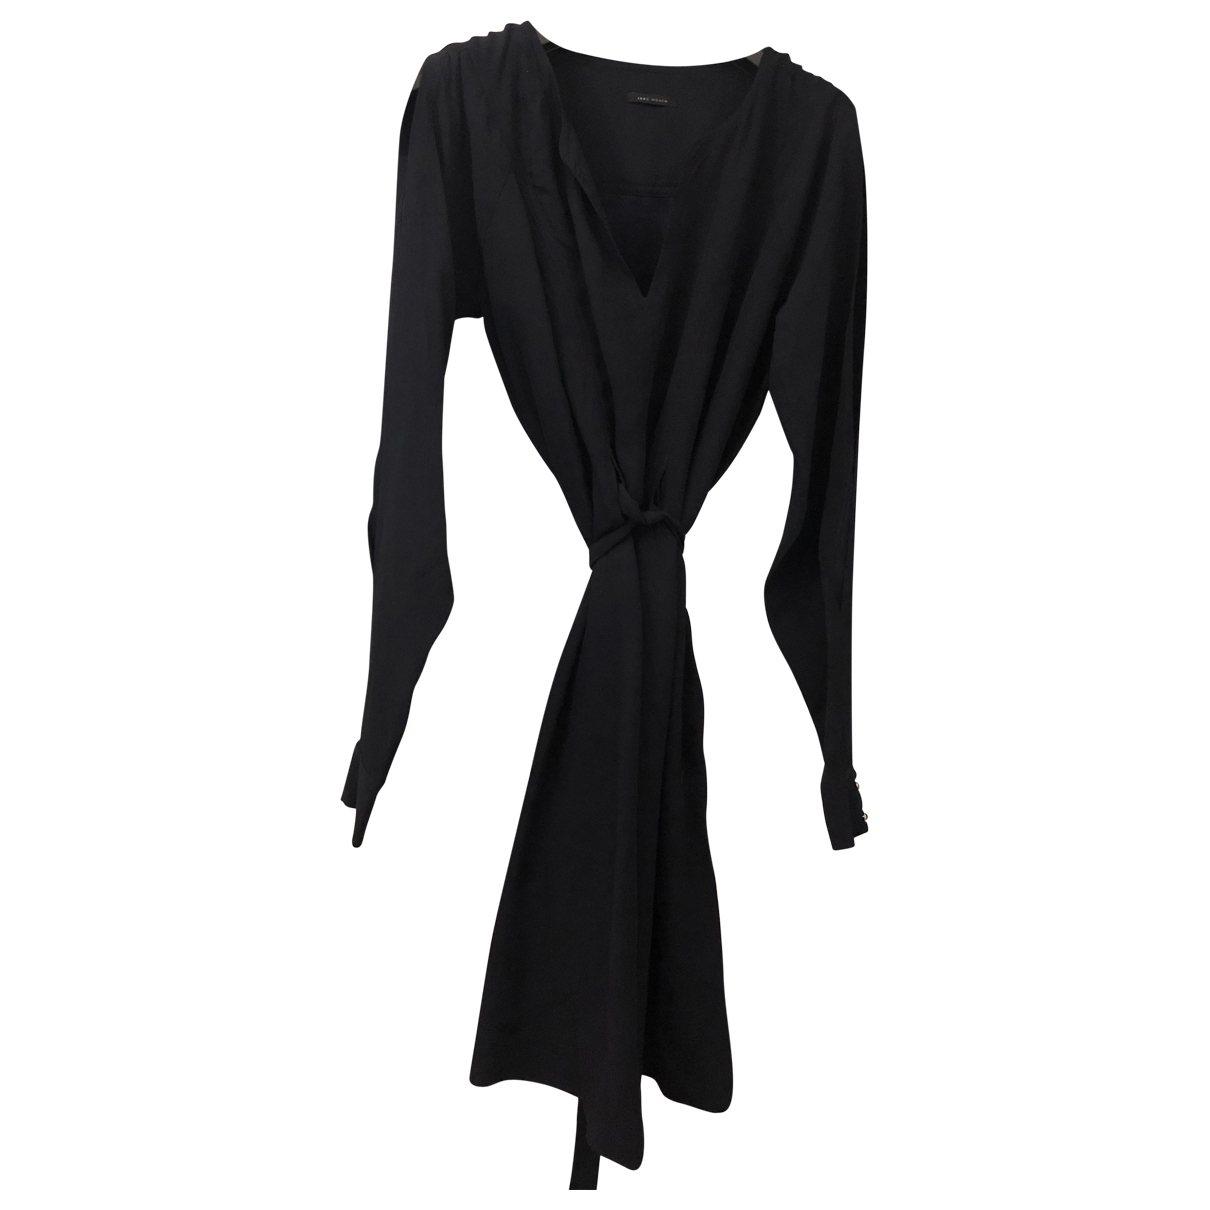 Ikks \N Navy dress for Women 36 FR